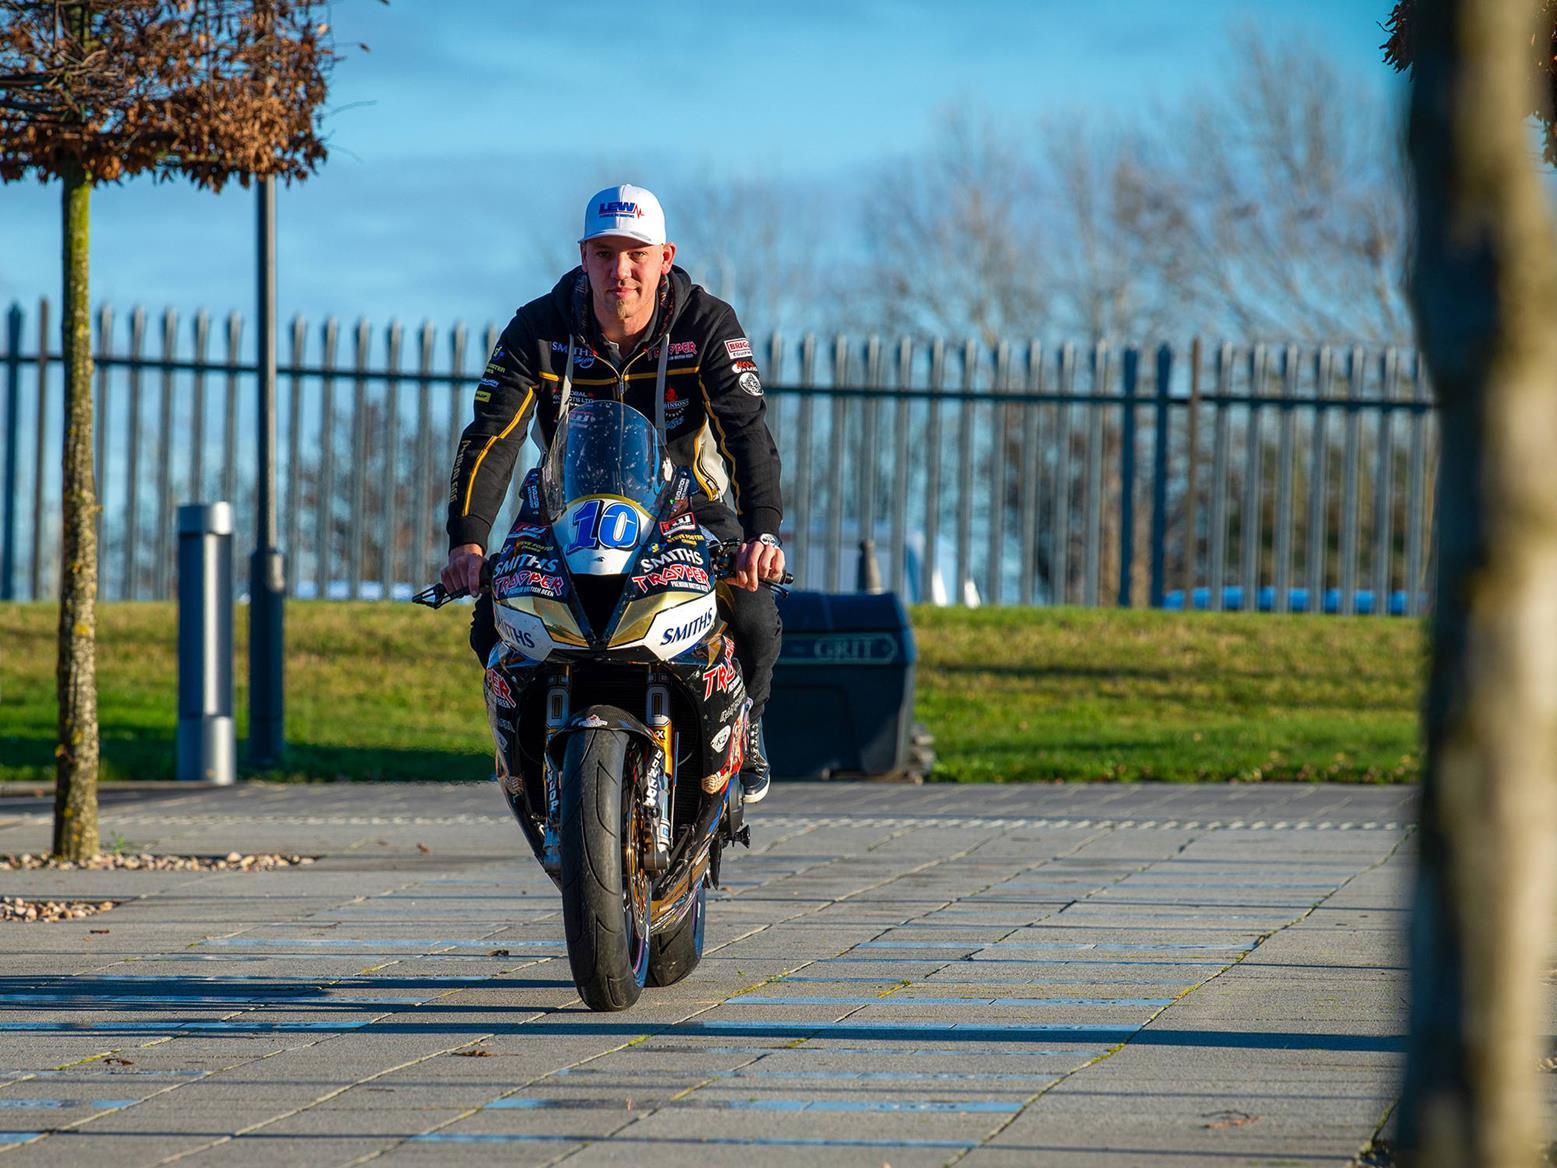 Peter Hickman arrives at Triumph Hinckley